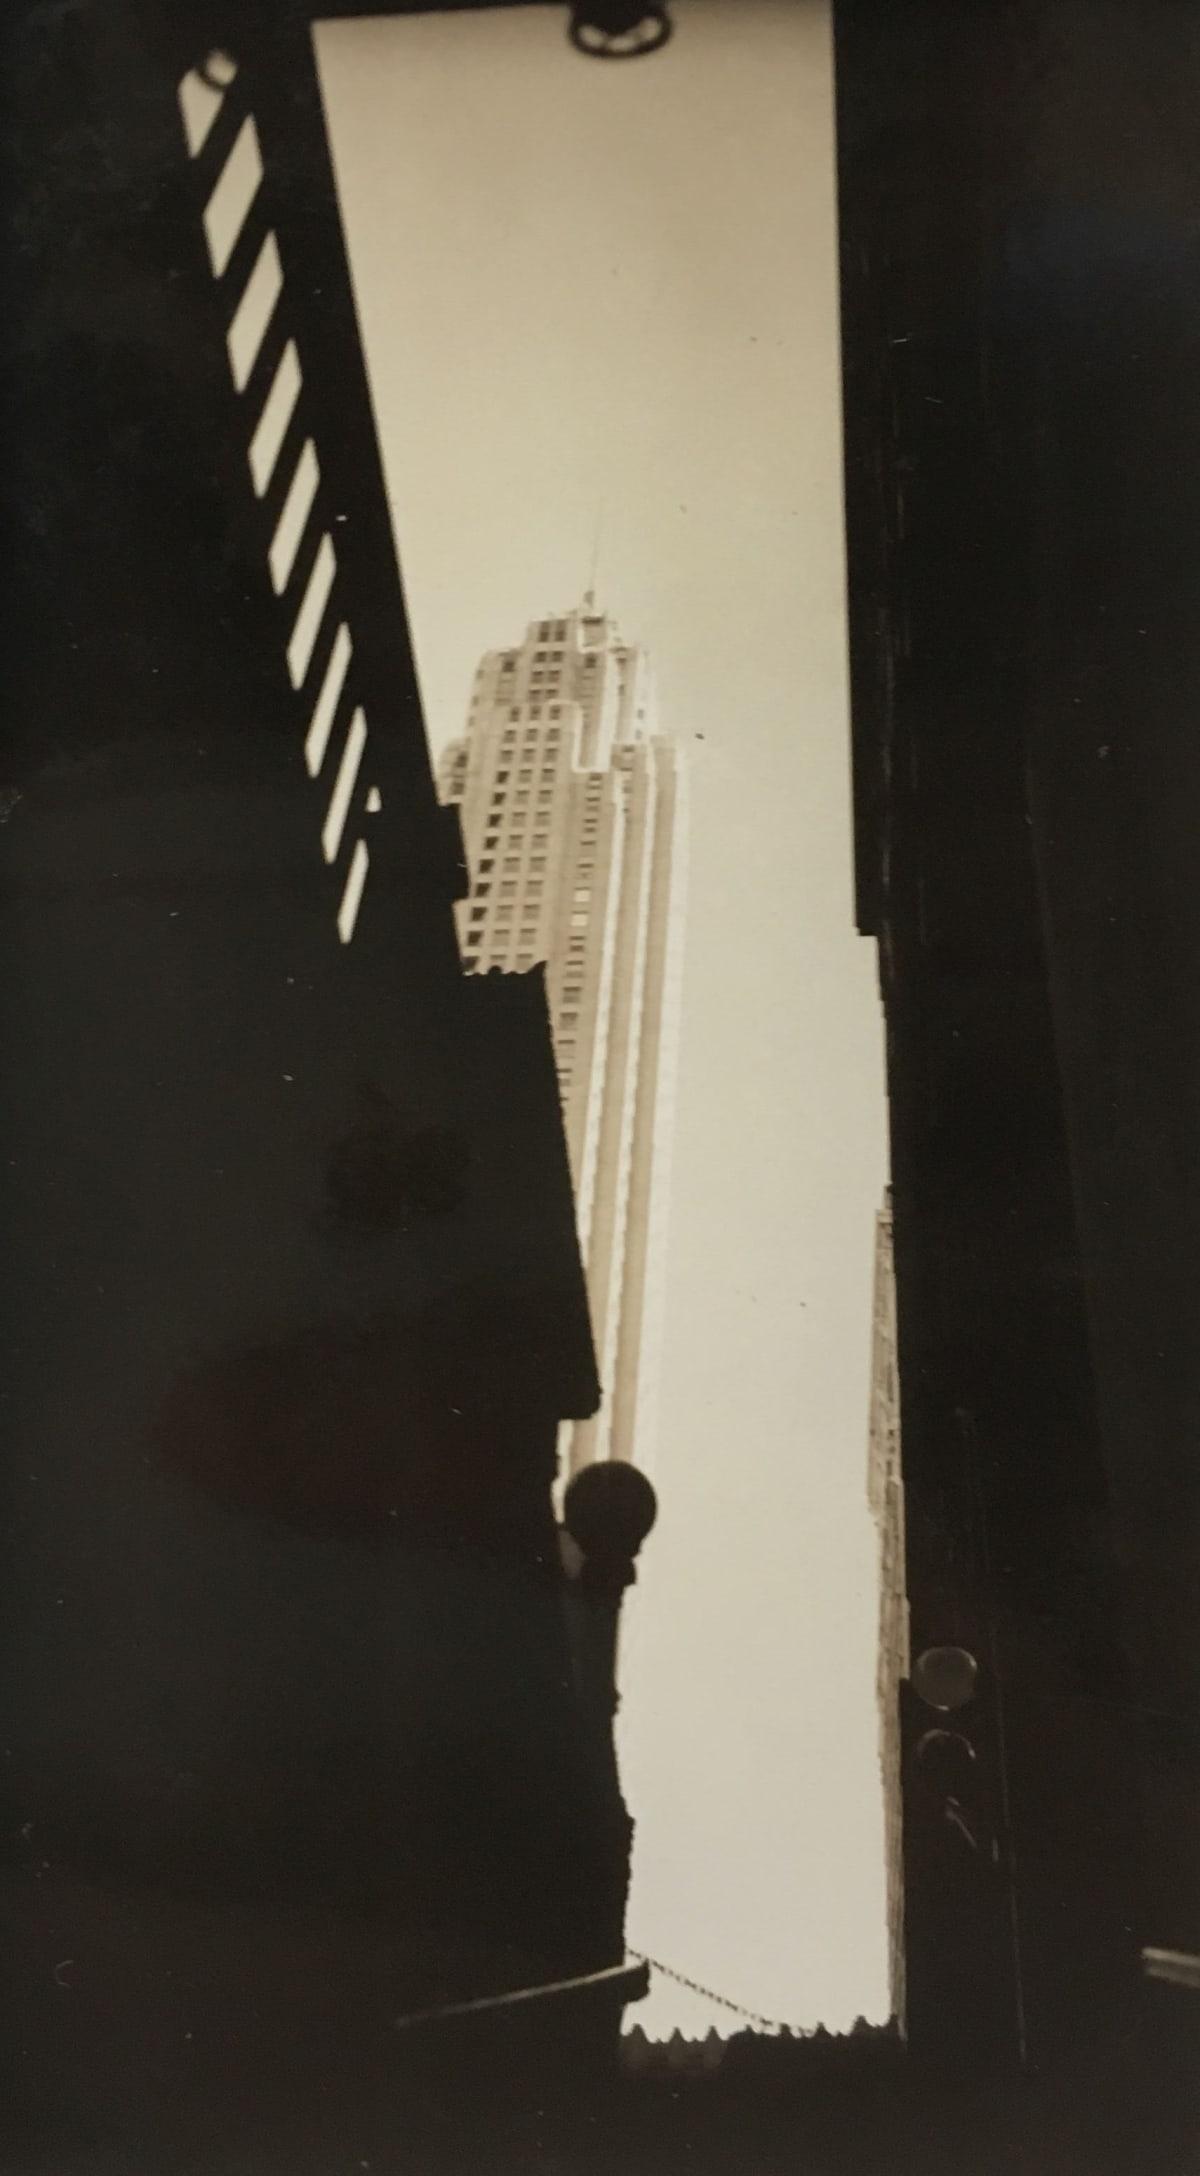 Fred Zinnemann Empire State Building, 1932 Vintage gelatin silver print 4 1/8 x 2 3/8 inches